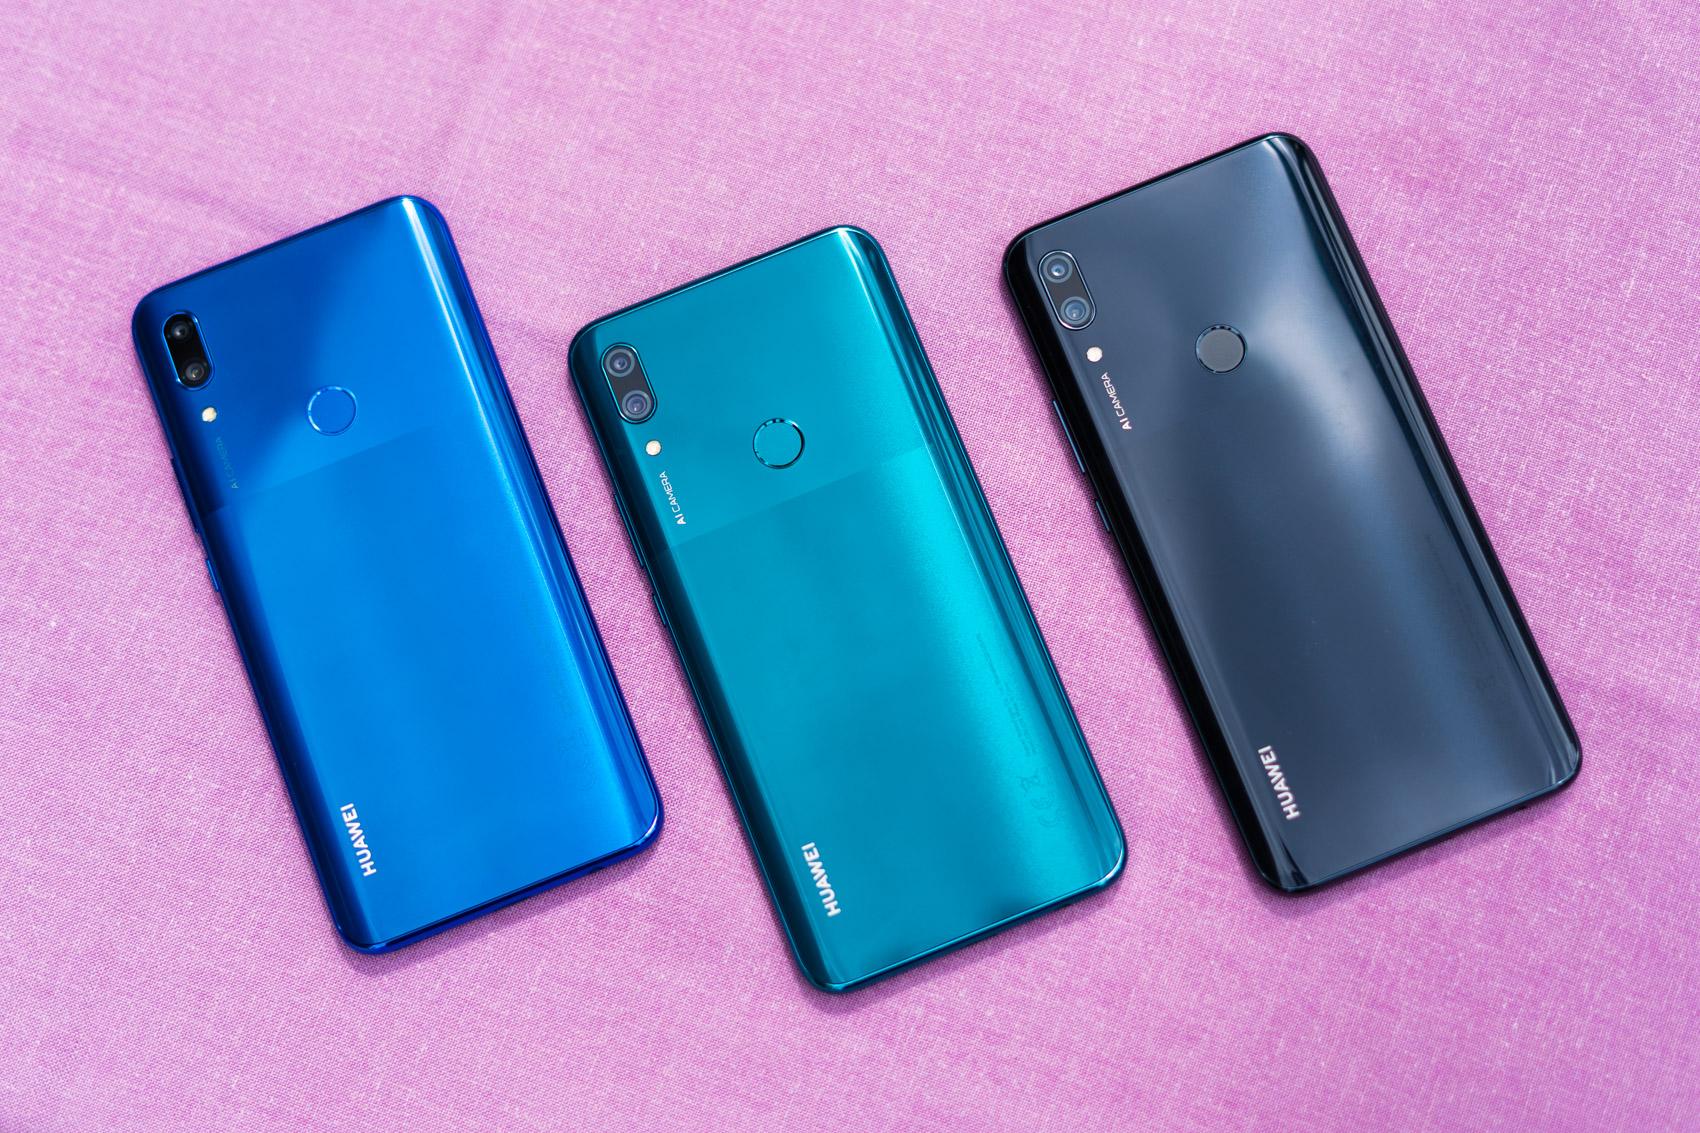 تعرف على جديد Huawei في عالم الهواتف Huawei P smart Pro 2019